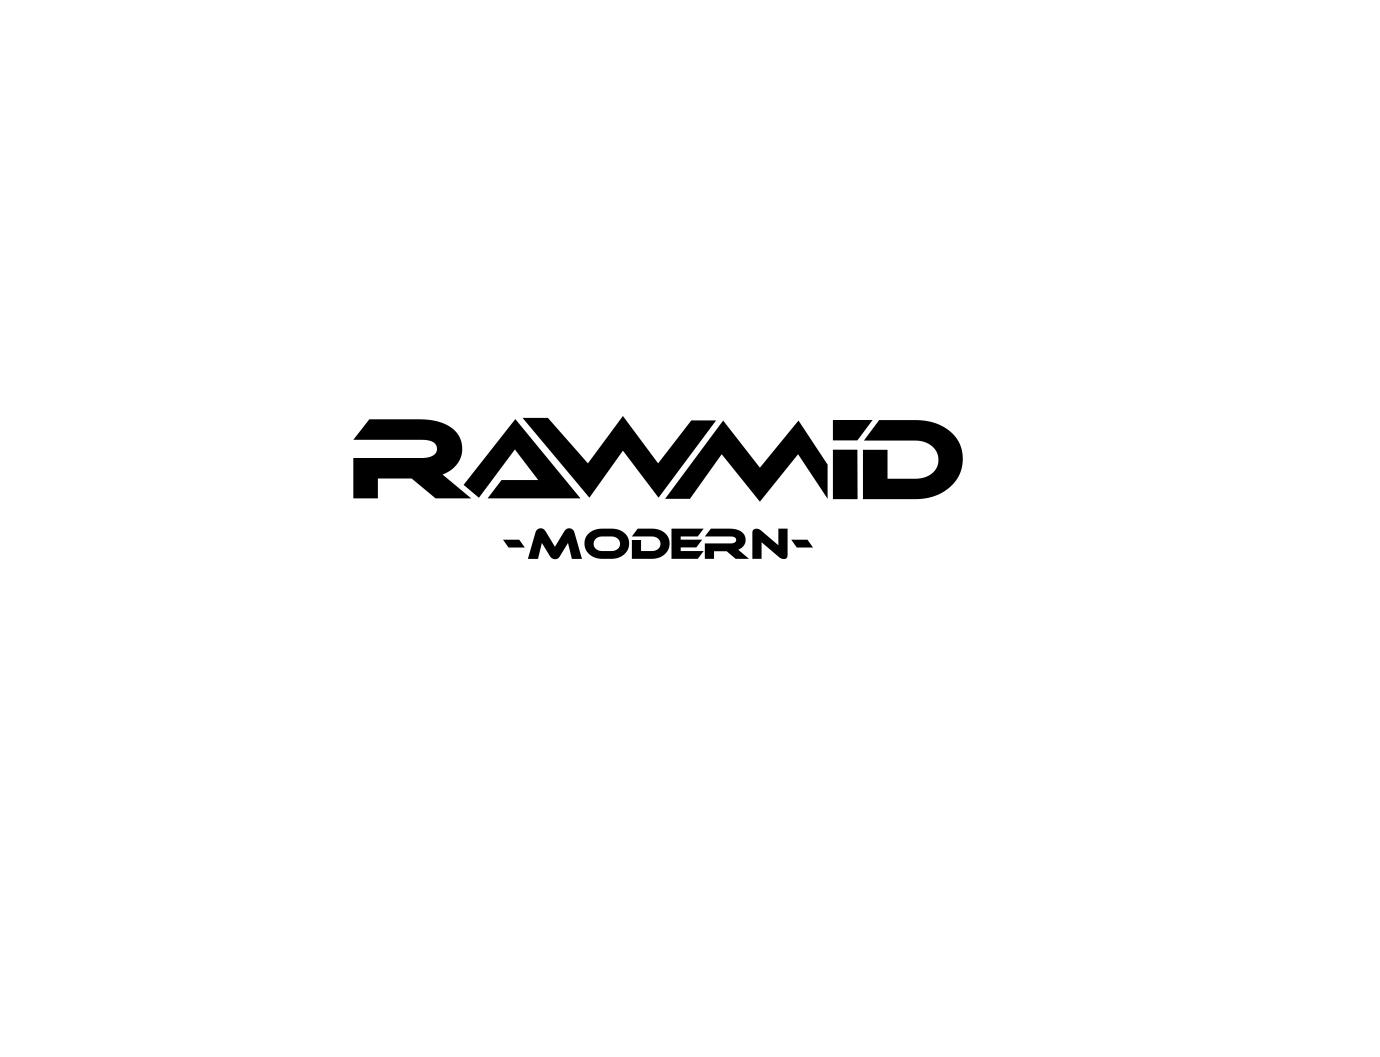 Создать логотип (буквенная часть) для бренда бытовой техники фото f_3985b33e77d83a02.jpg